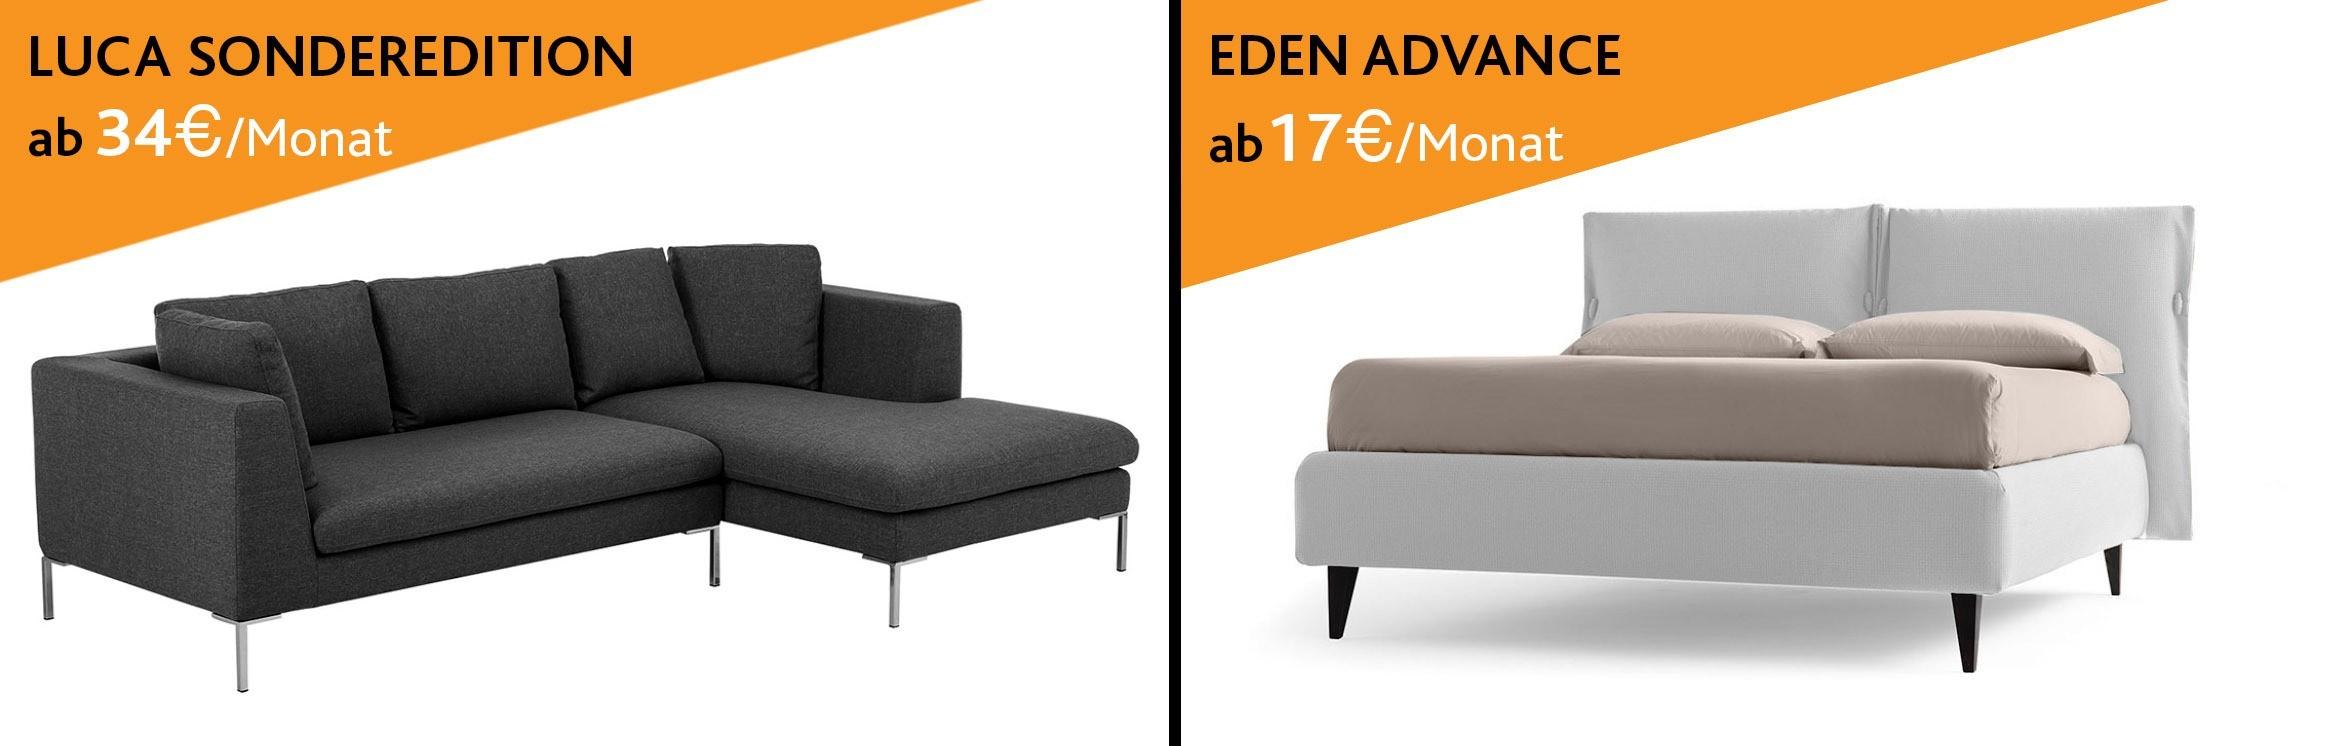 mbel ratenkauf elegant awesome beim mbel kaufen muss aber nicht unbedingt bar bezahlt werden. Black Bedroom Furniture Sets. Home Design Ideas